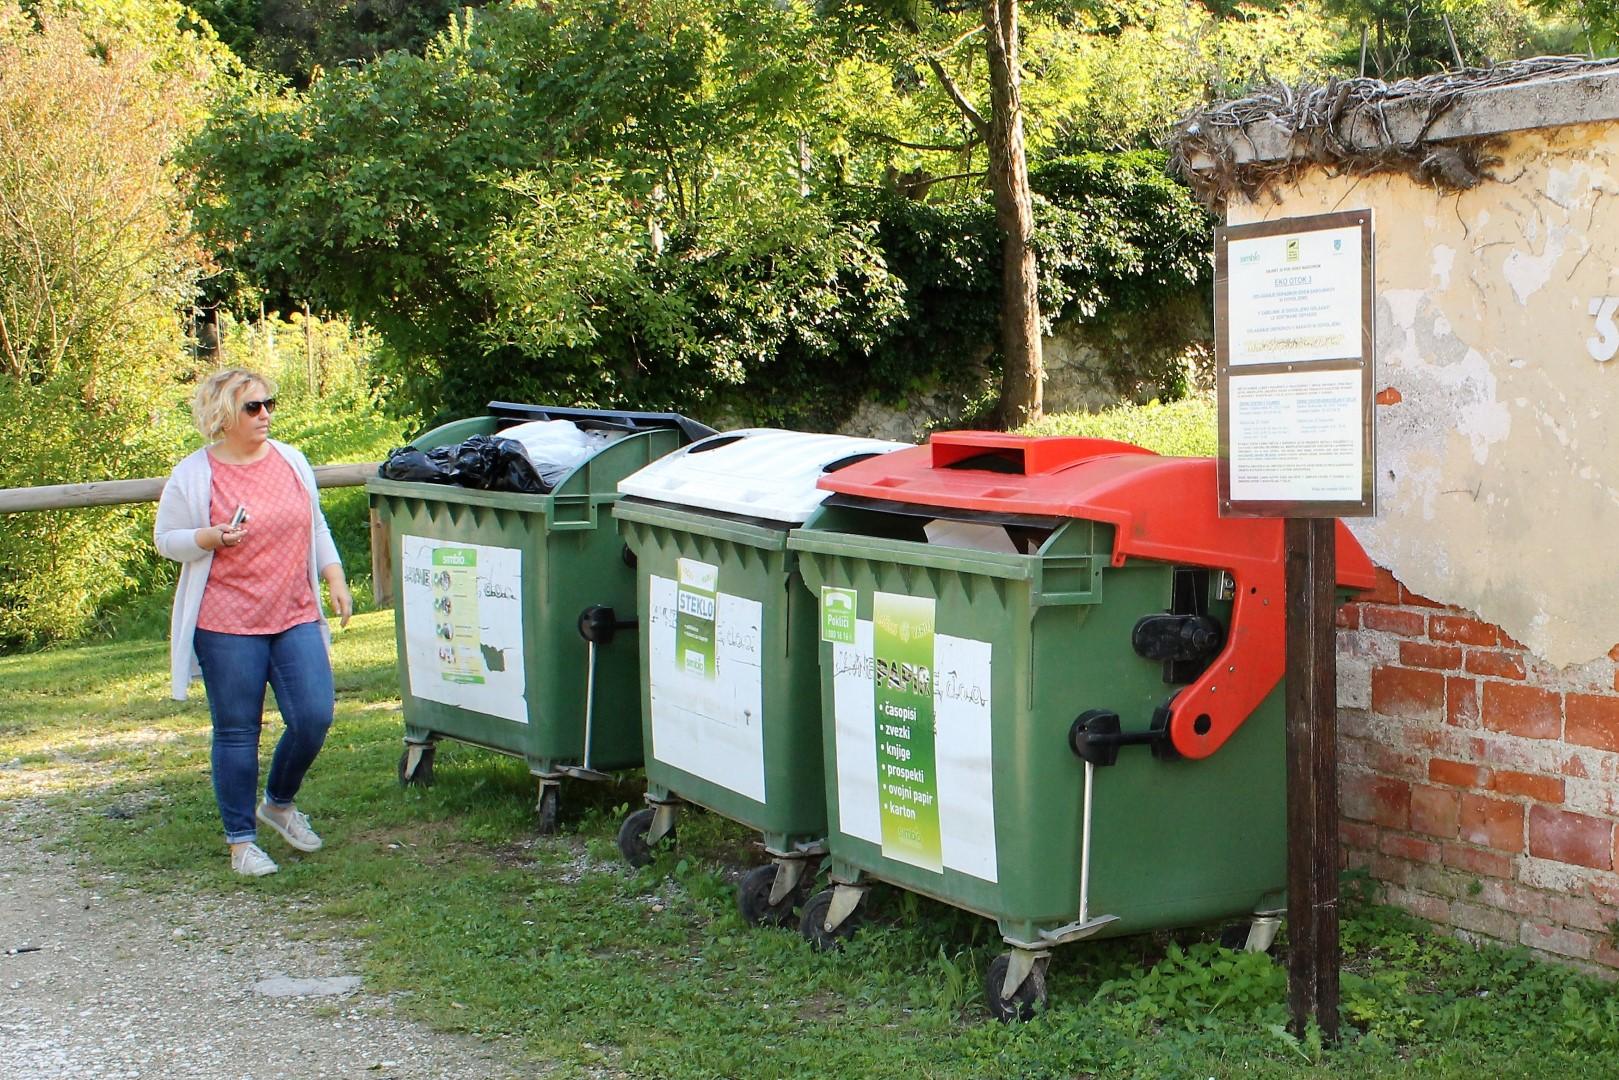 Vsaj zunanja okolica na eko otoku na Dobrni je bila danes urejena.